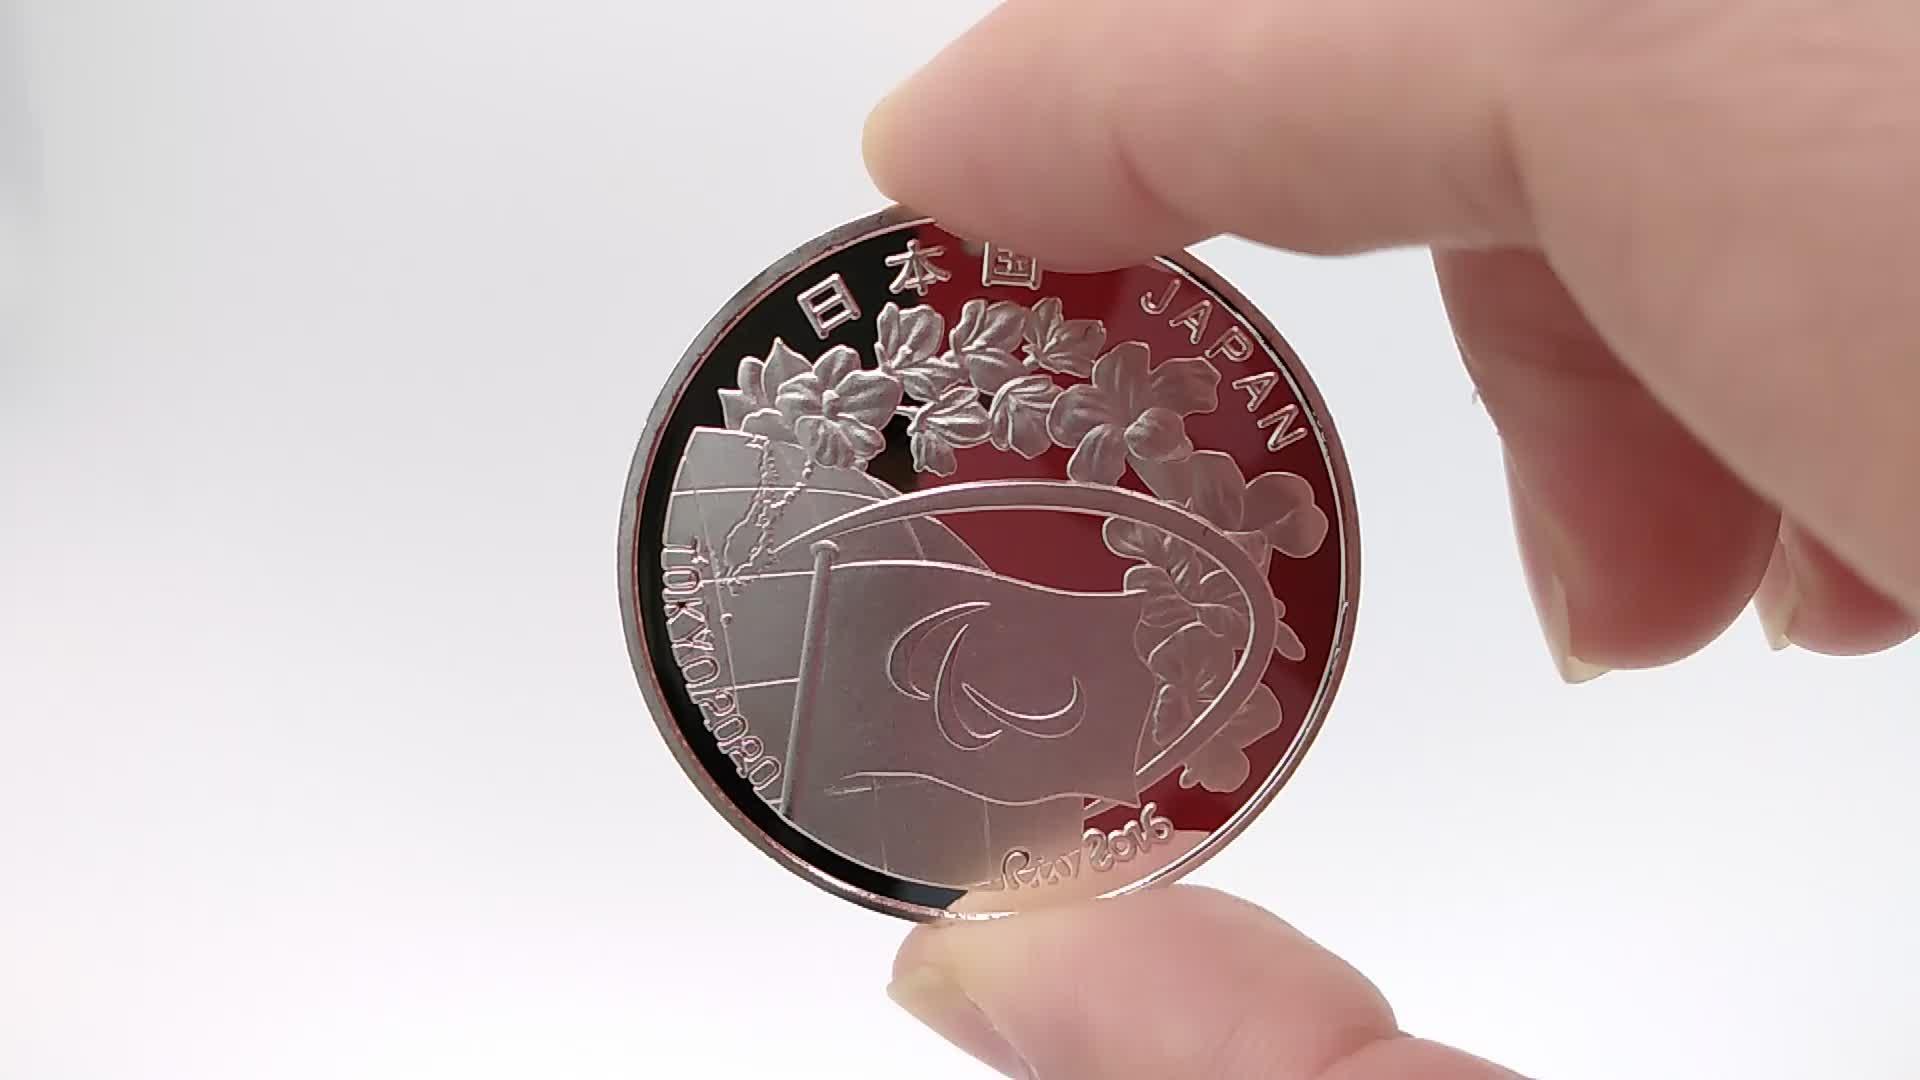 Custom 3d U.S Kennedy anniversary silver coin eagle souvenir coin